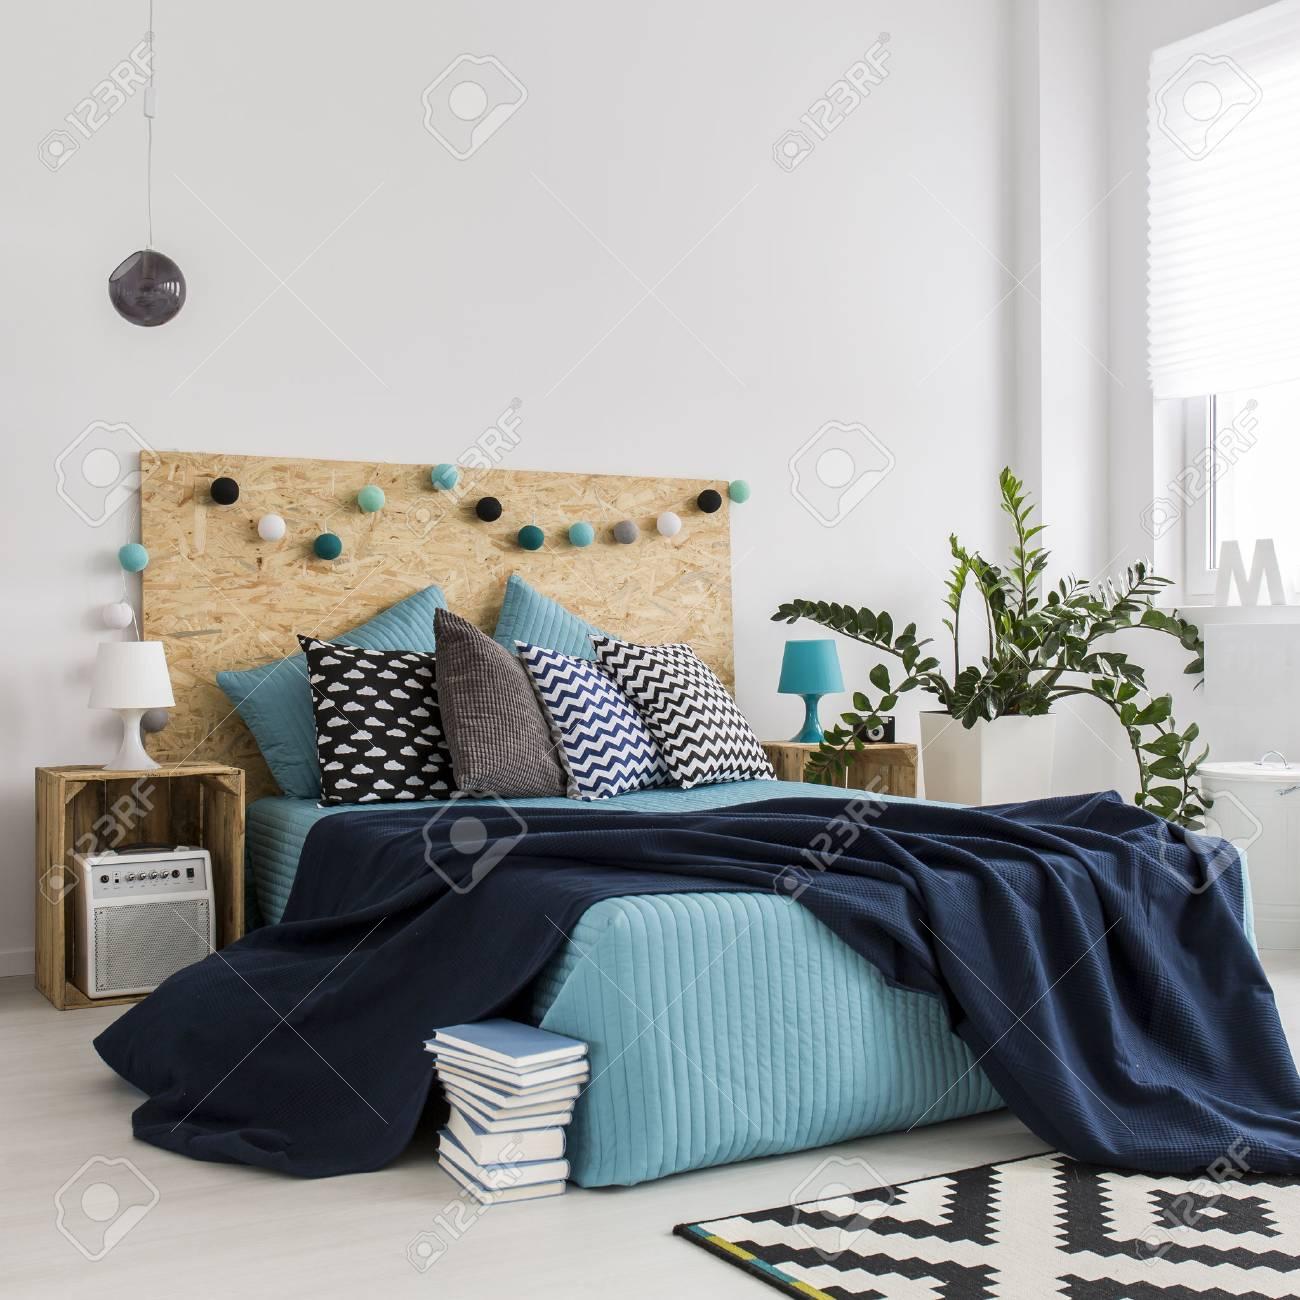 d1bbc8276dce4c Banque d images - Conception de chambre à coucher spacieuse contemporaine  pour jeune couple hipster